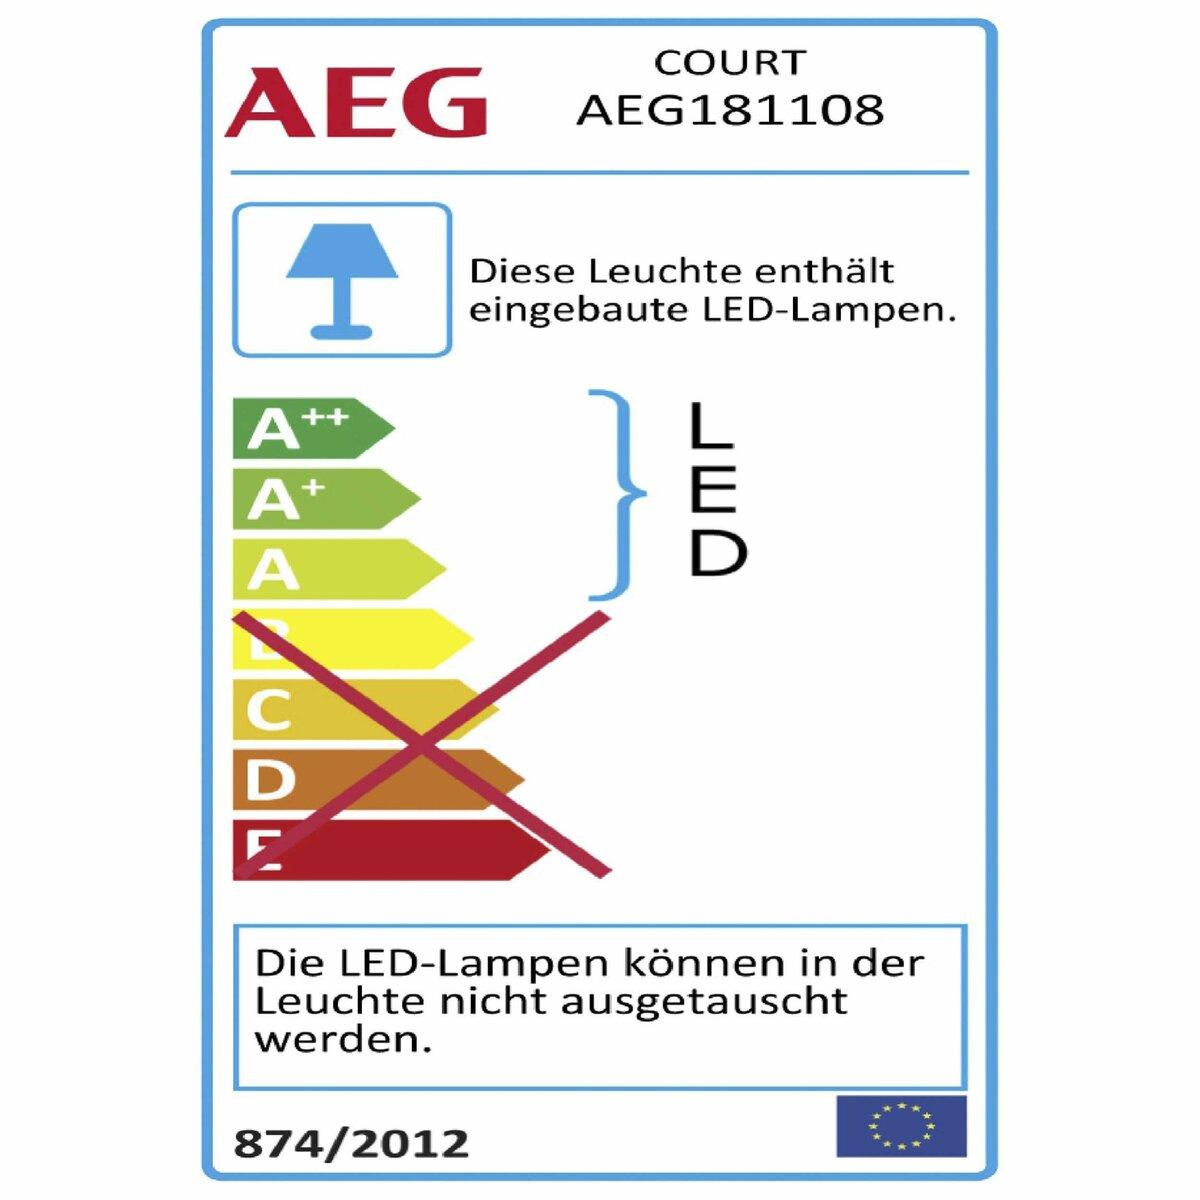 Bild 4 von AEG LED-Außenwandleuchte   Court